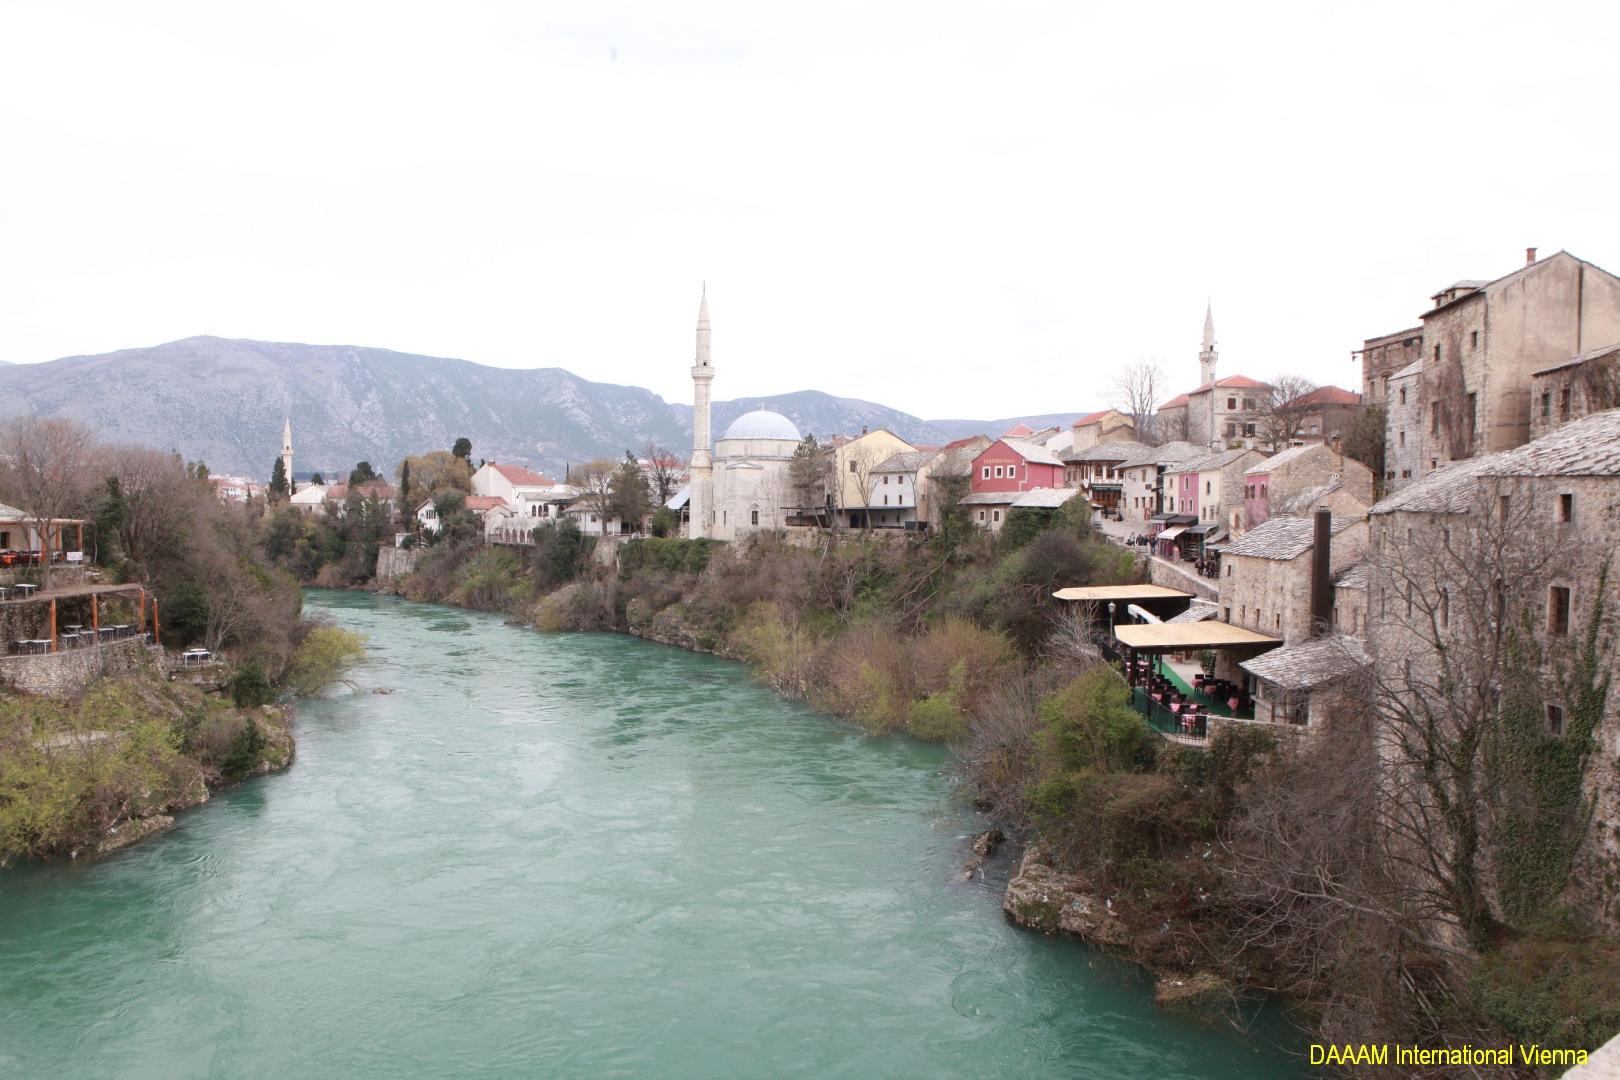 DAAAM_2016_Mostar_01_Magic_City_of_Mostar_073